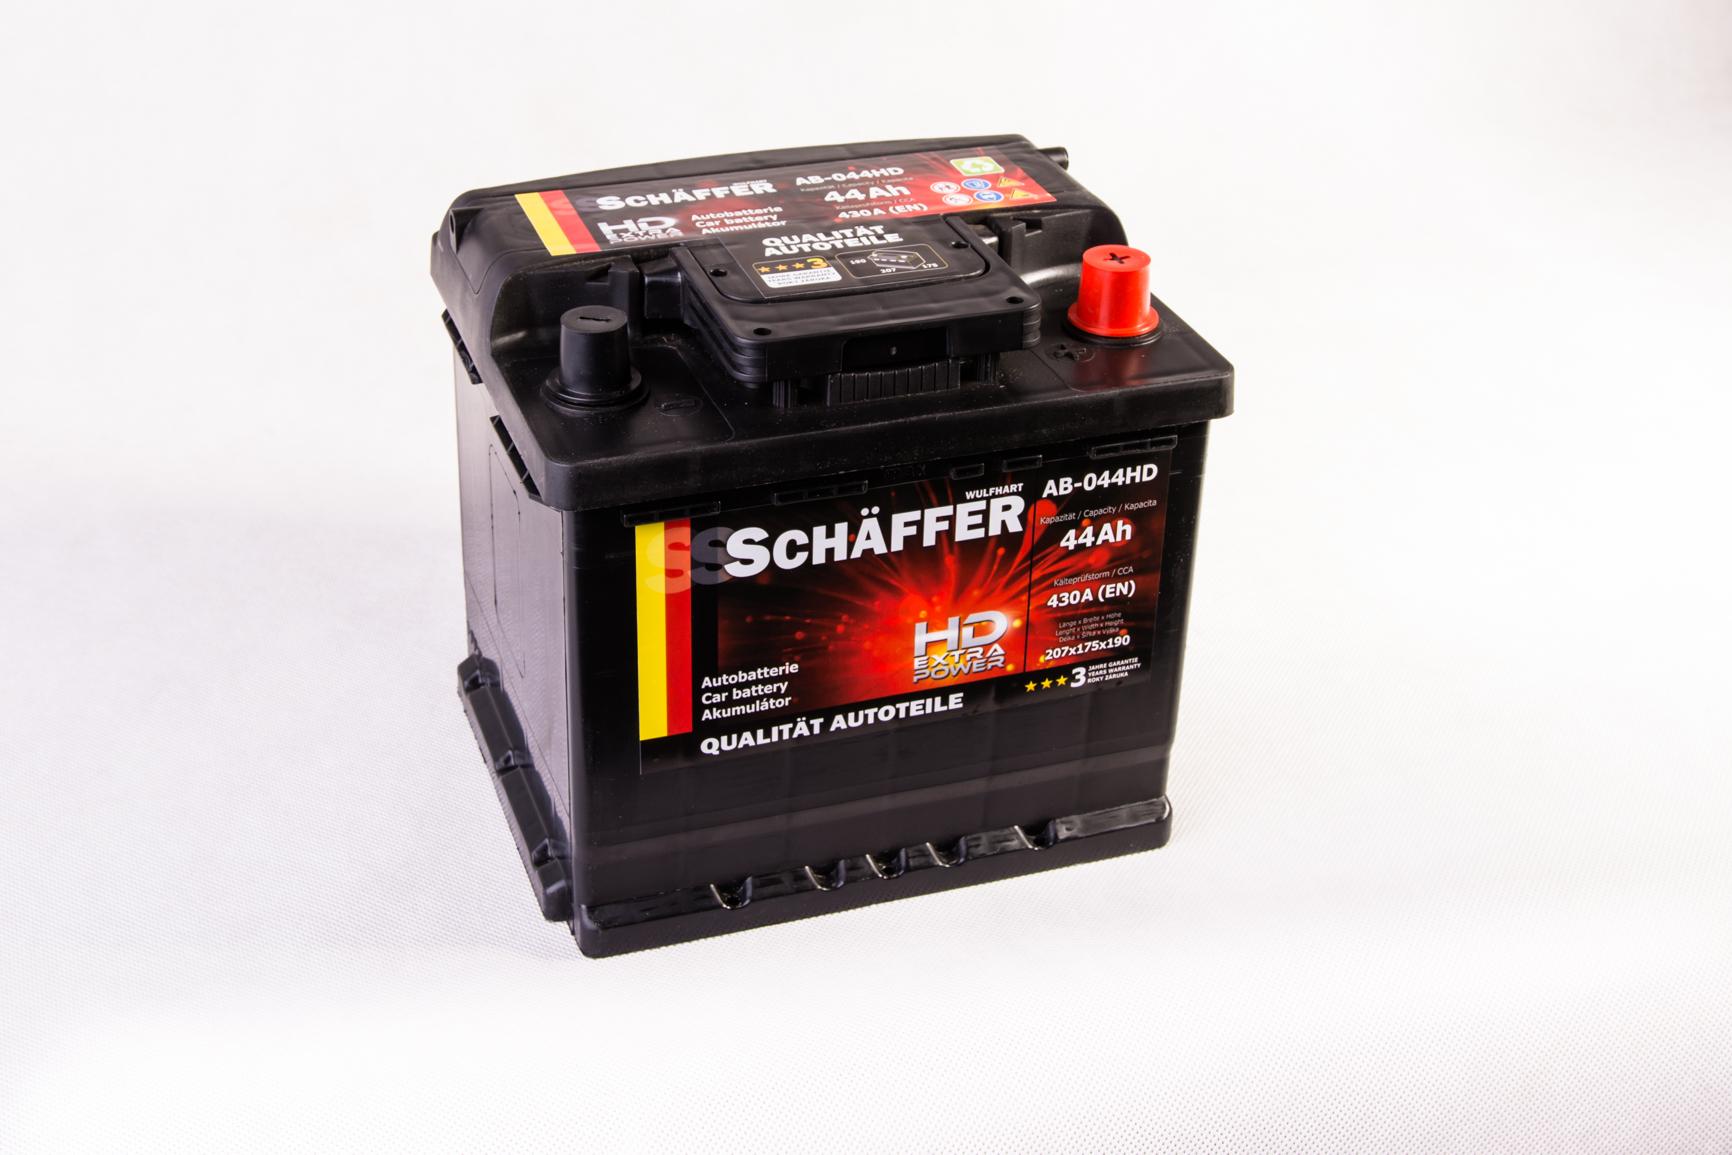 Autobaterie SCHAFFER HD Extra 44Ah